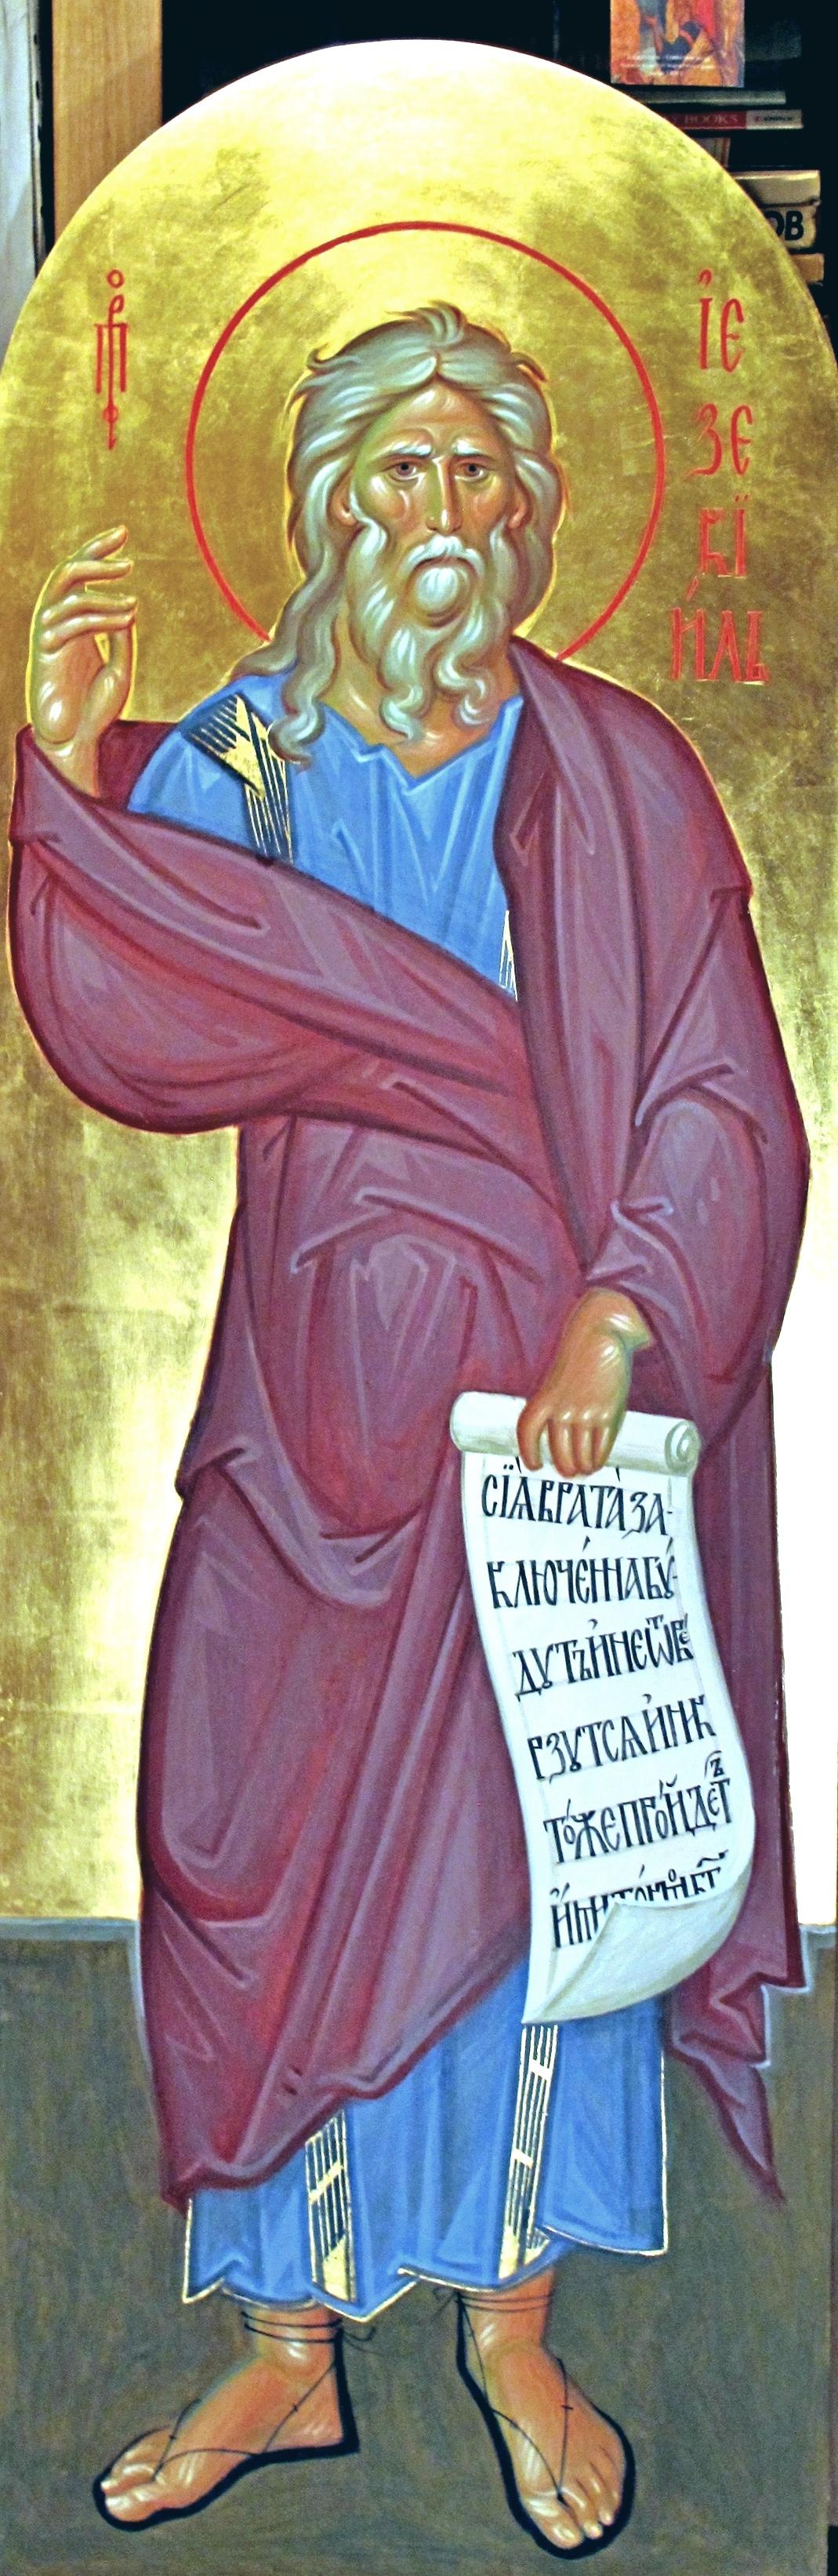 Святой Пророк Иезекииль. Иконописец Наталия Пискунова.